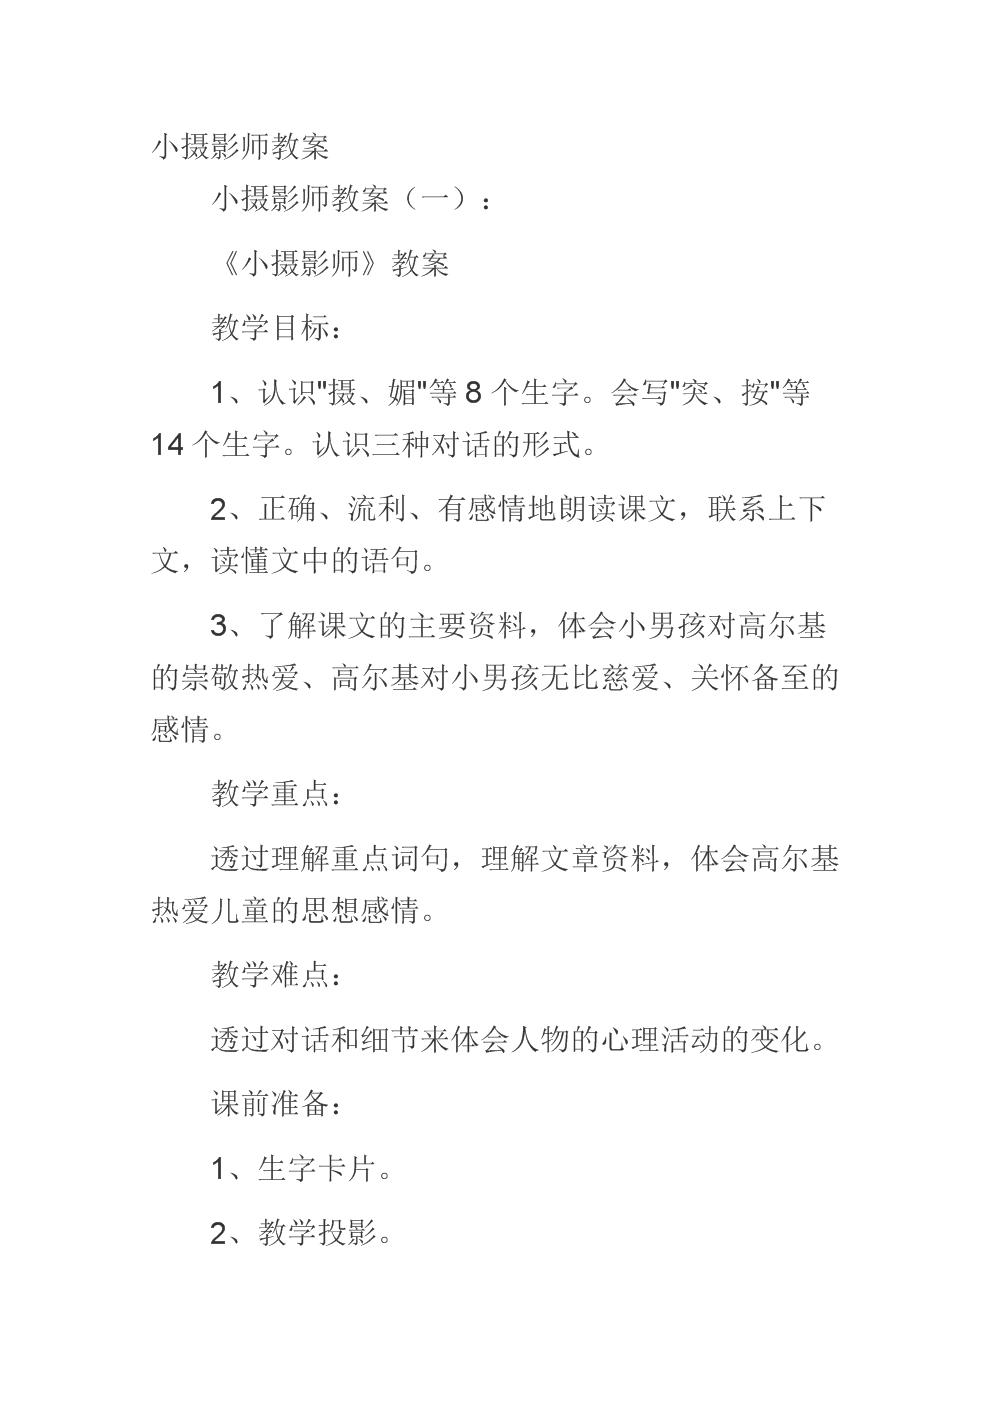 (精选范文)小摄影师教案.docx